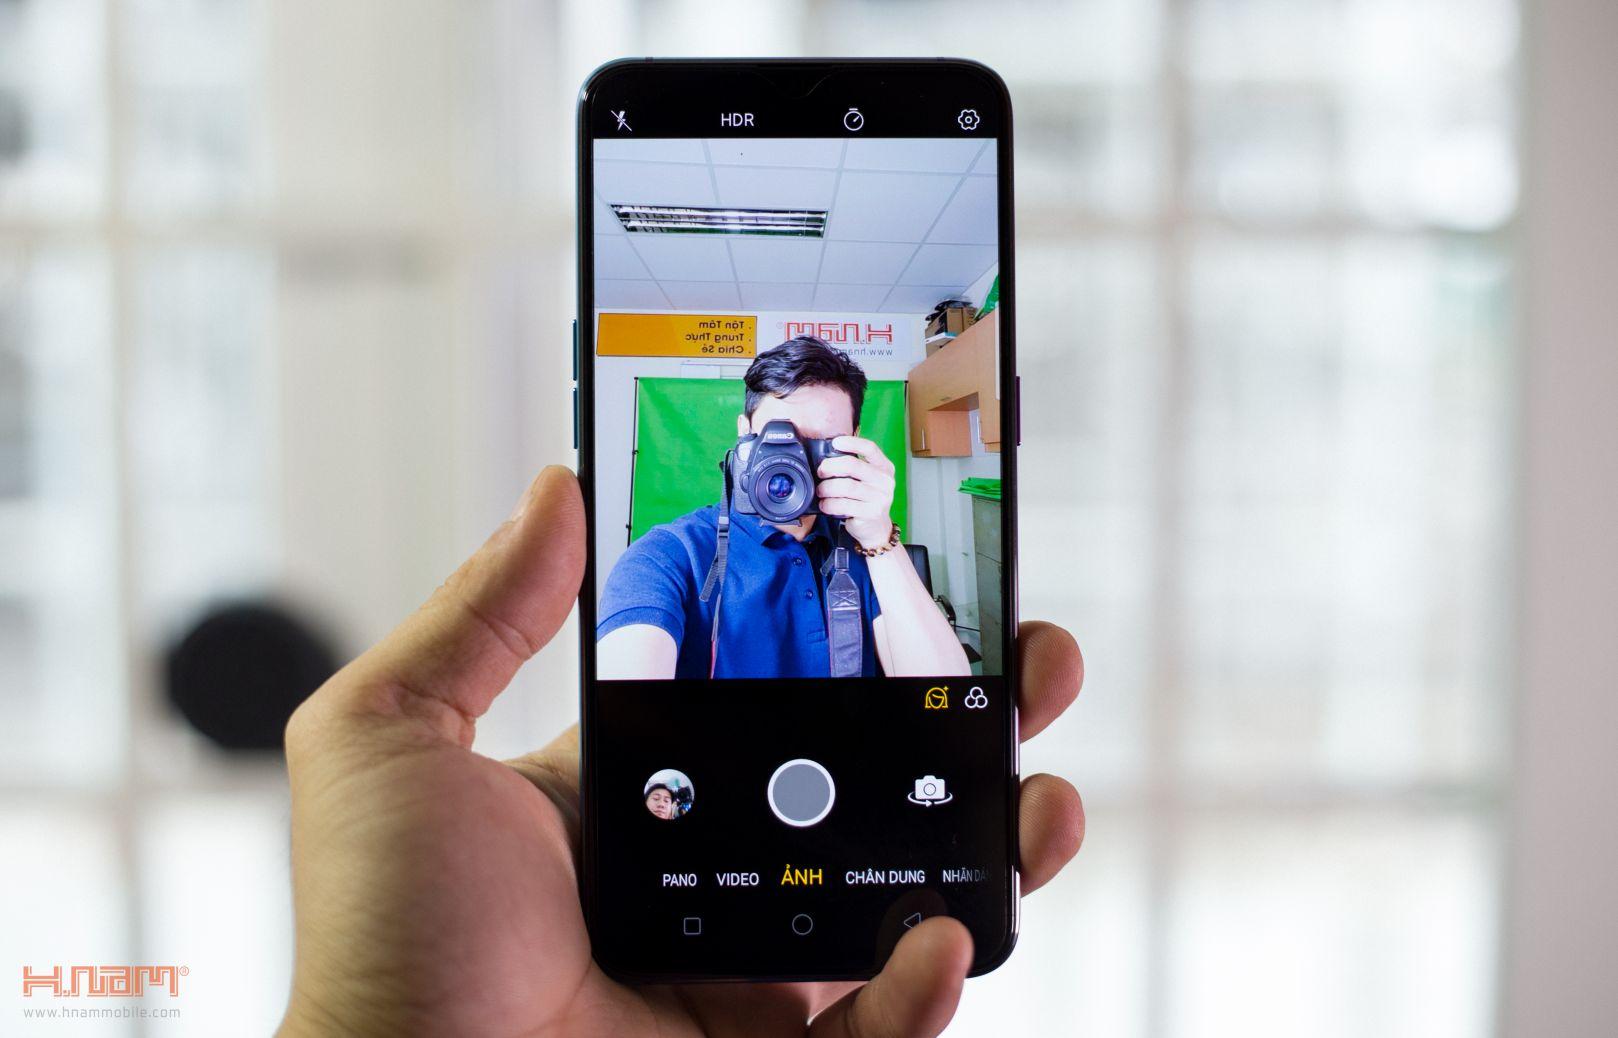 Trên tay Oppo R17 Pro: mặt lưng siêu đẹp, sạc siêu nhanh hình 11